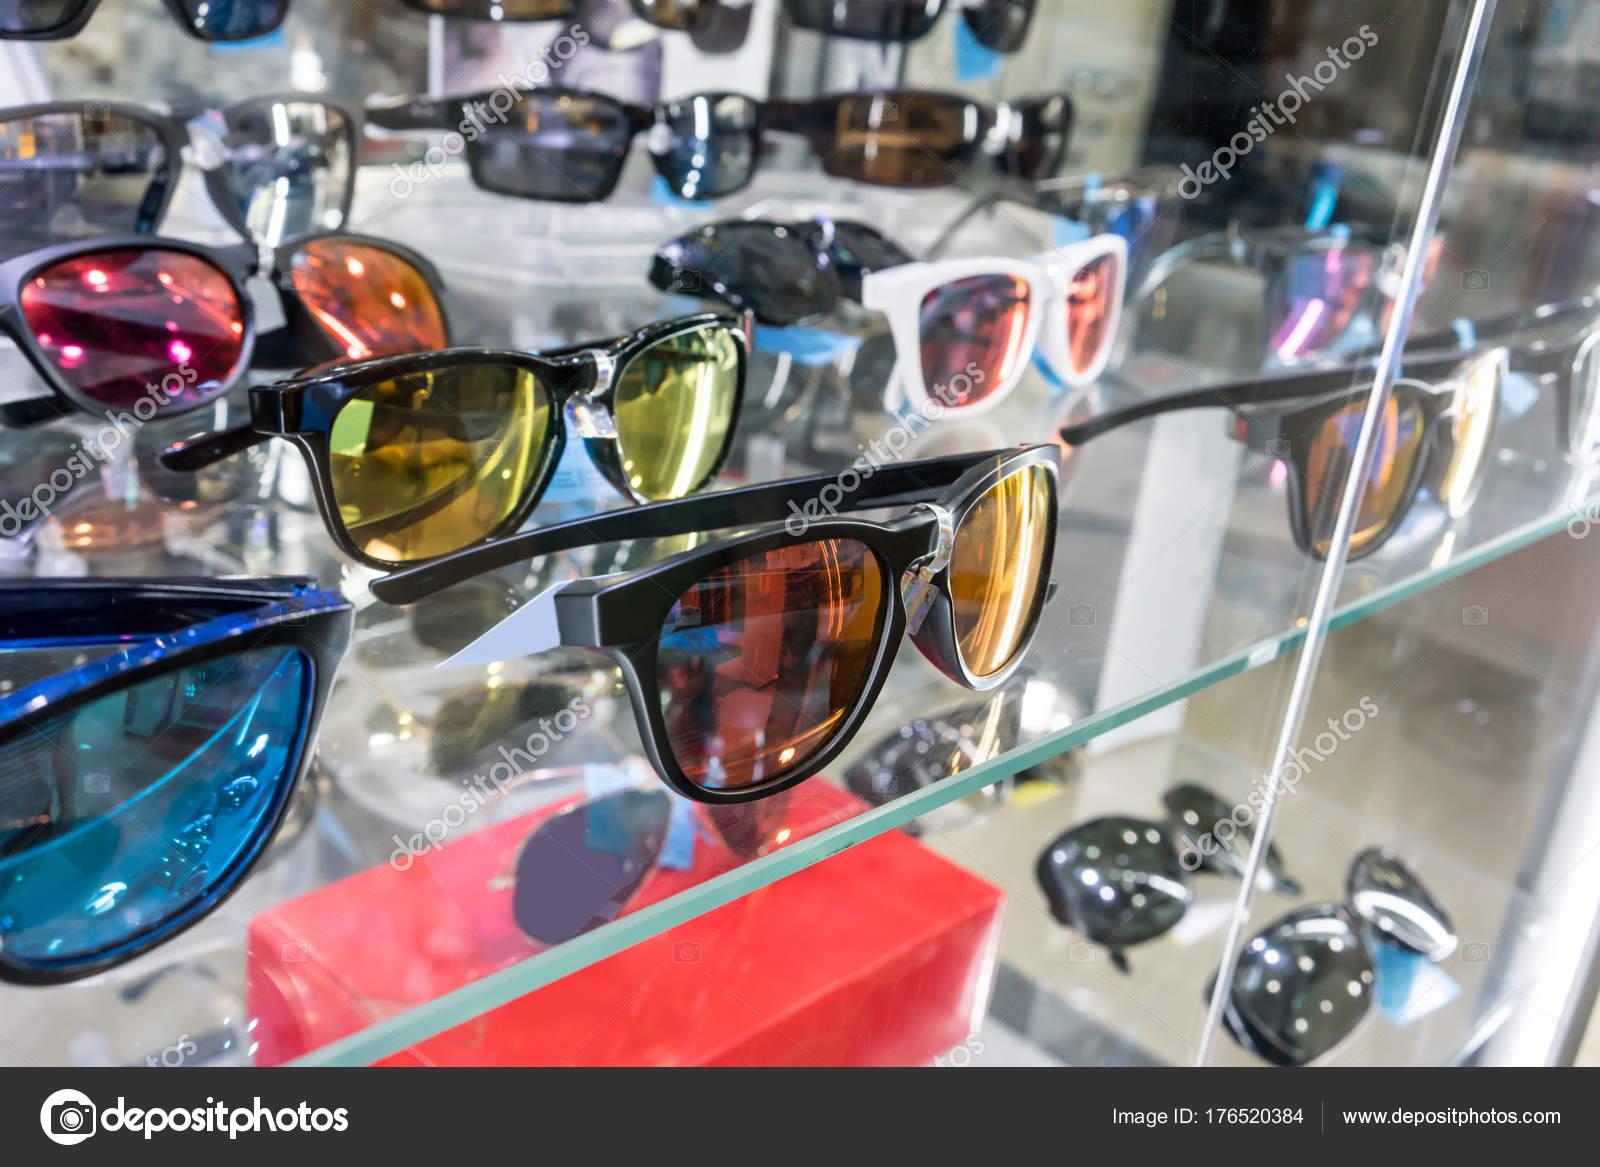 5fd342820978 Различные солнцезащитные очки в магазине дисплей полки. — Стоковое ...